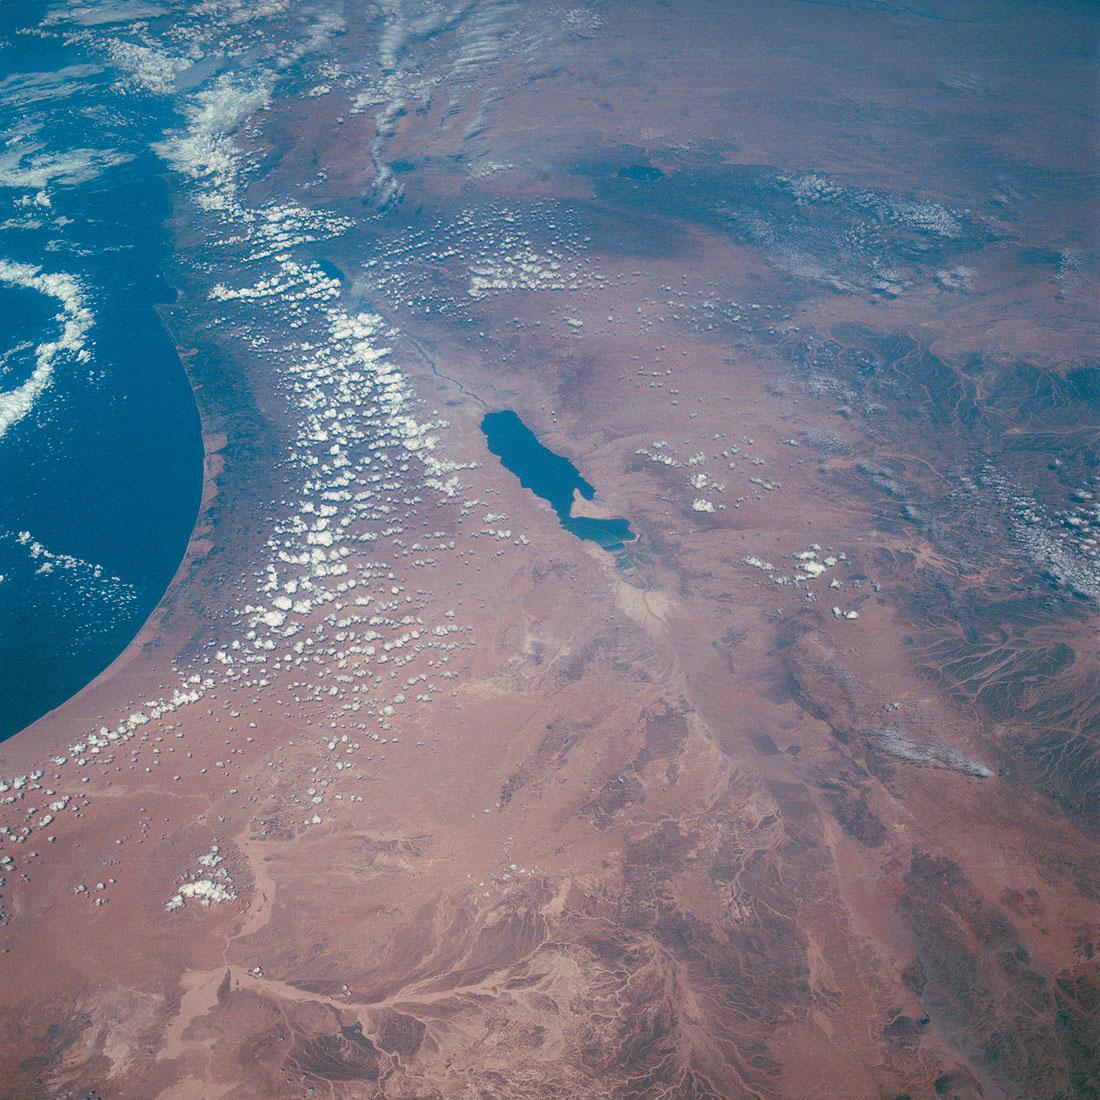 Apollo 7 Israel Jordan Syria Lebanon